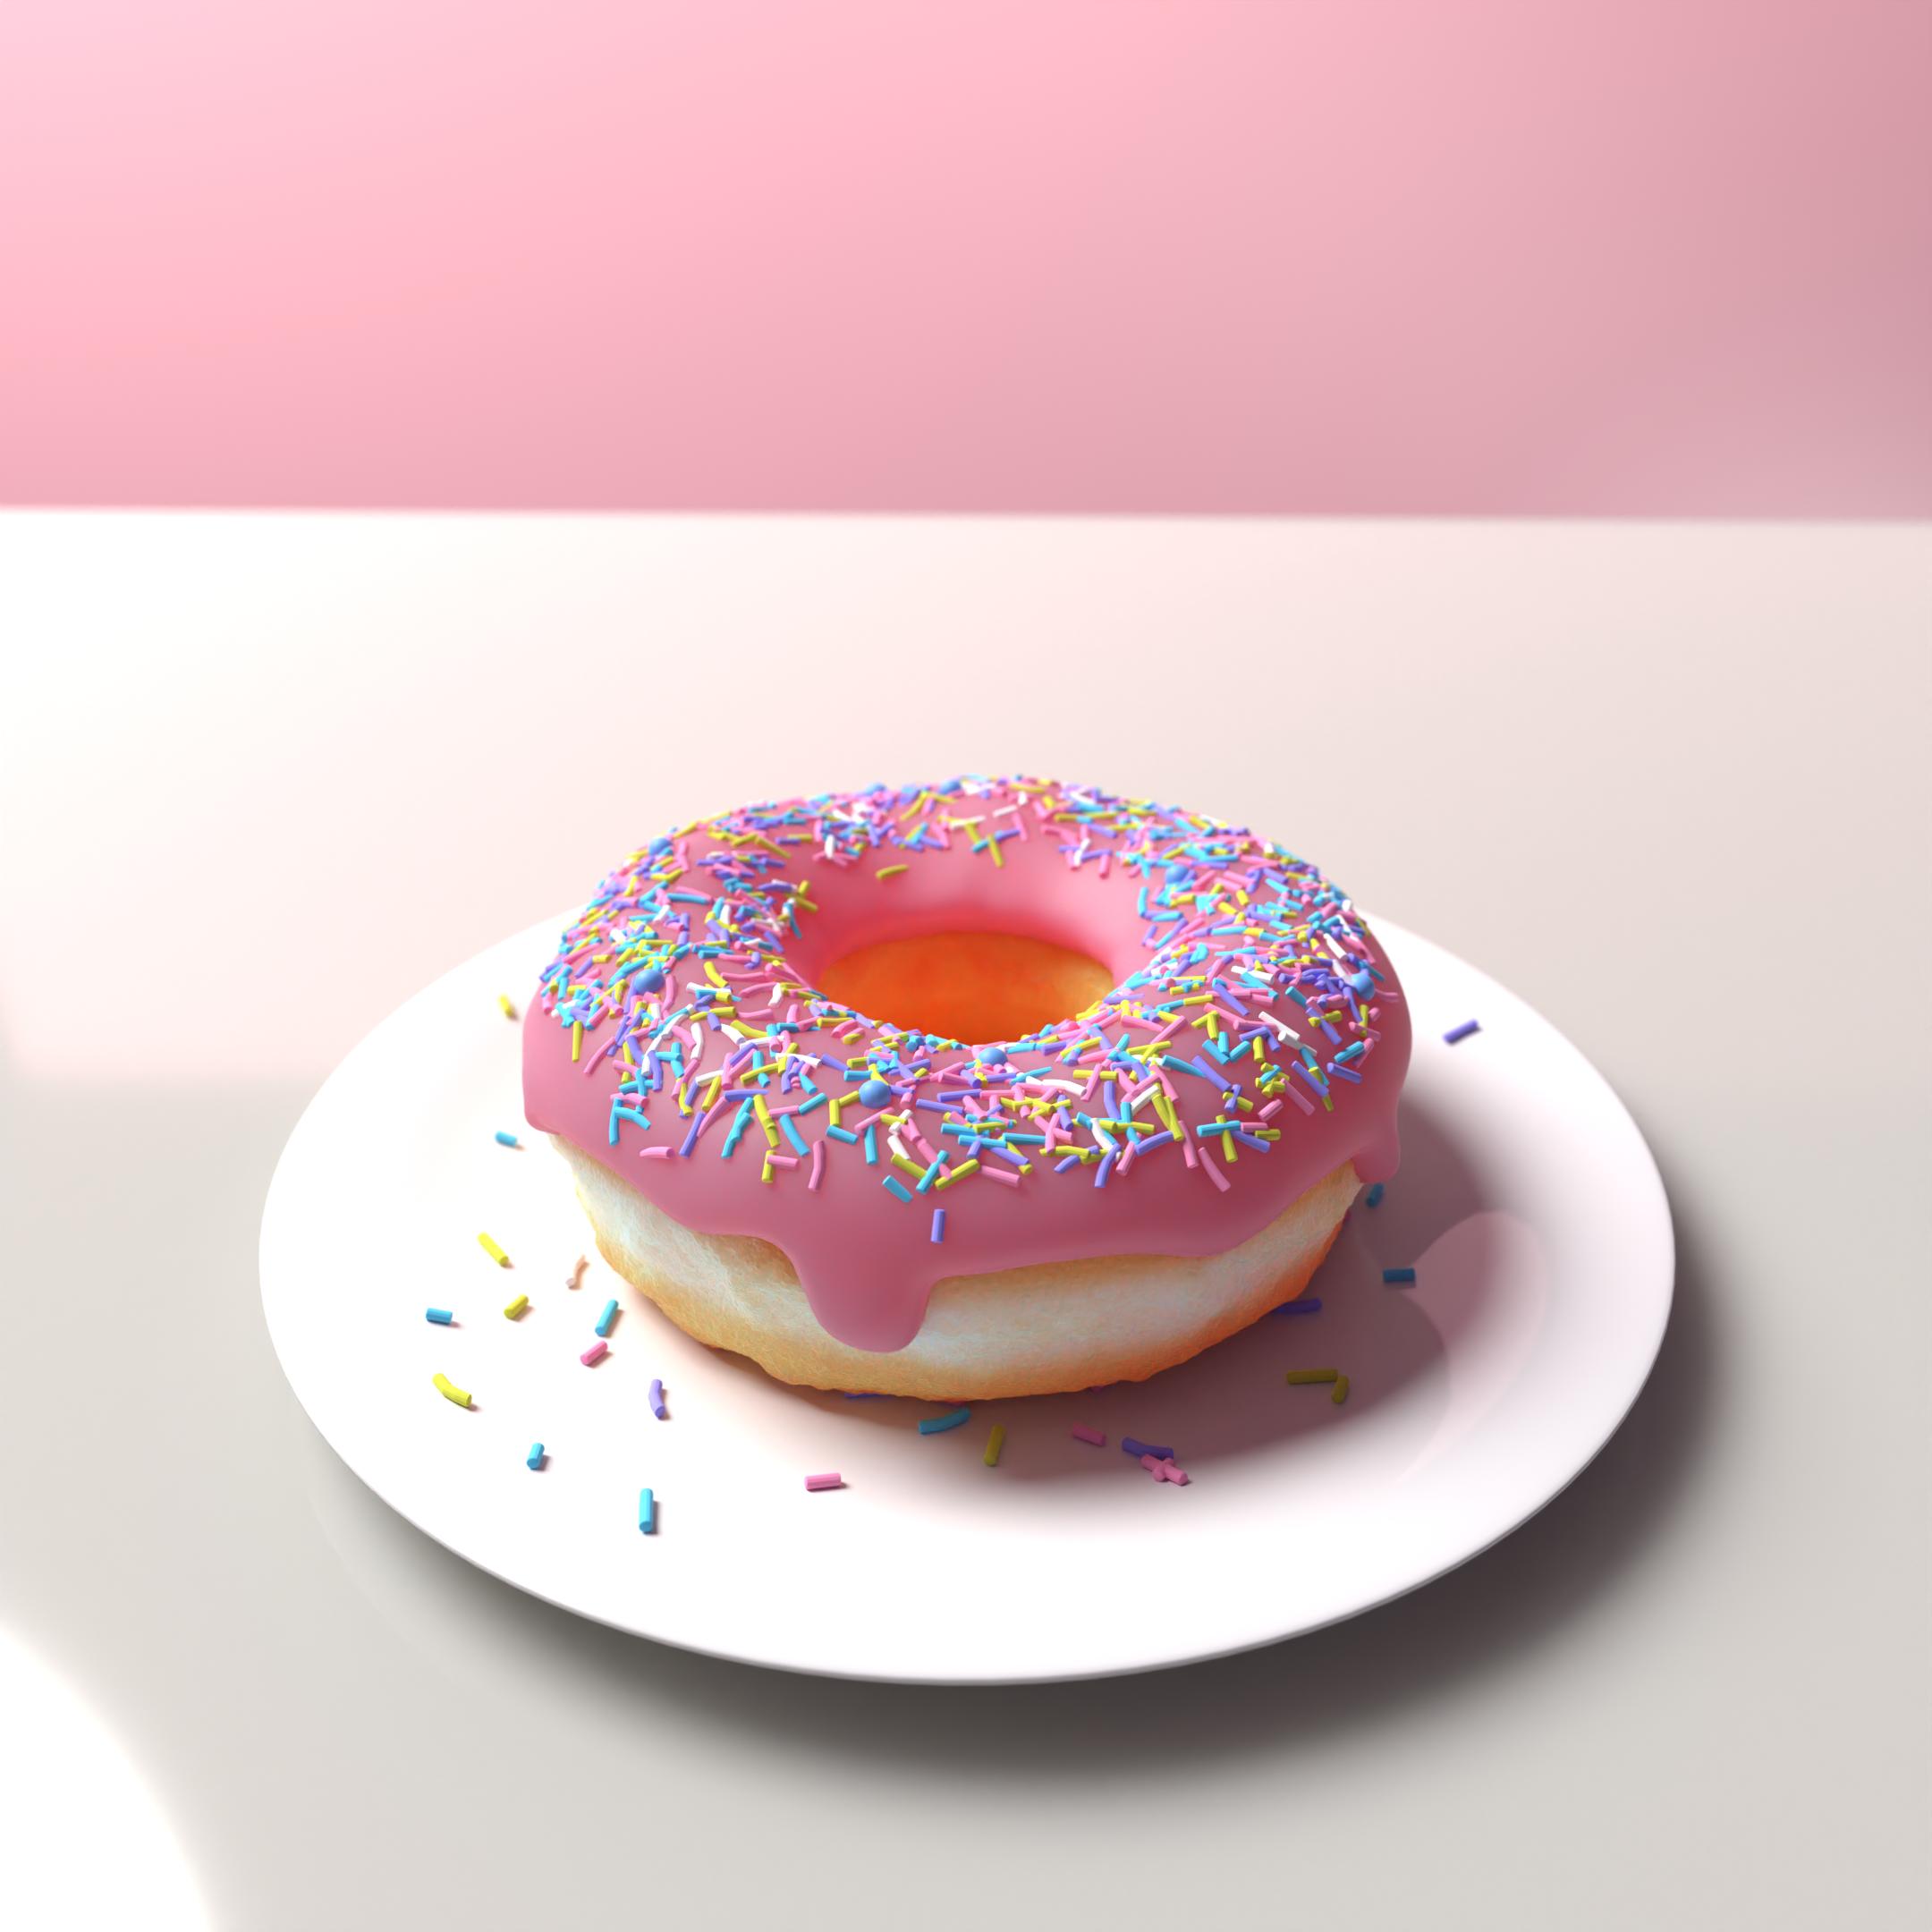 #Donut #Food #3DModel